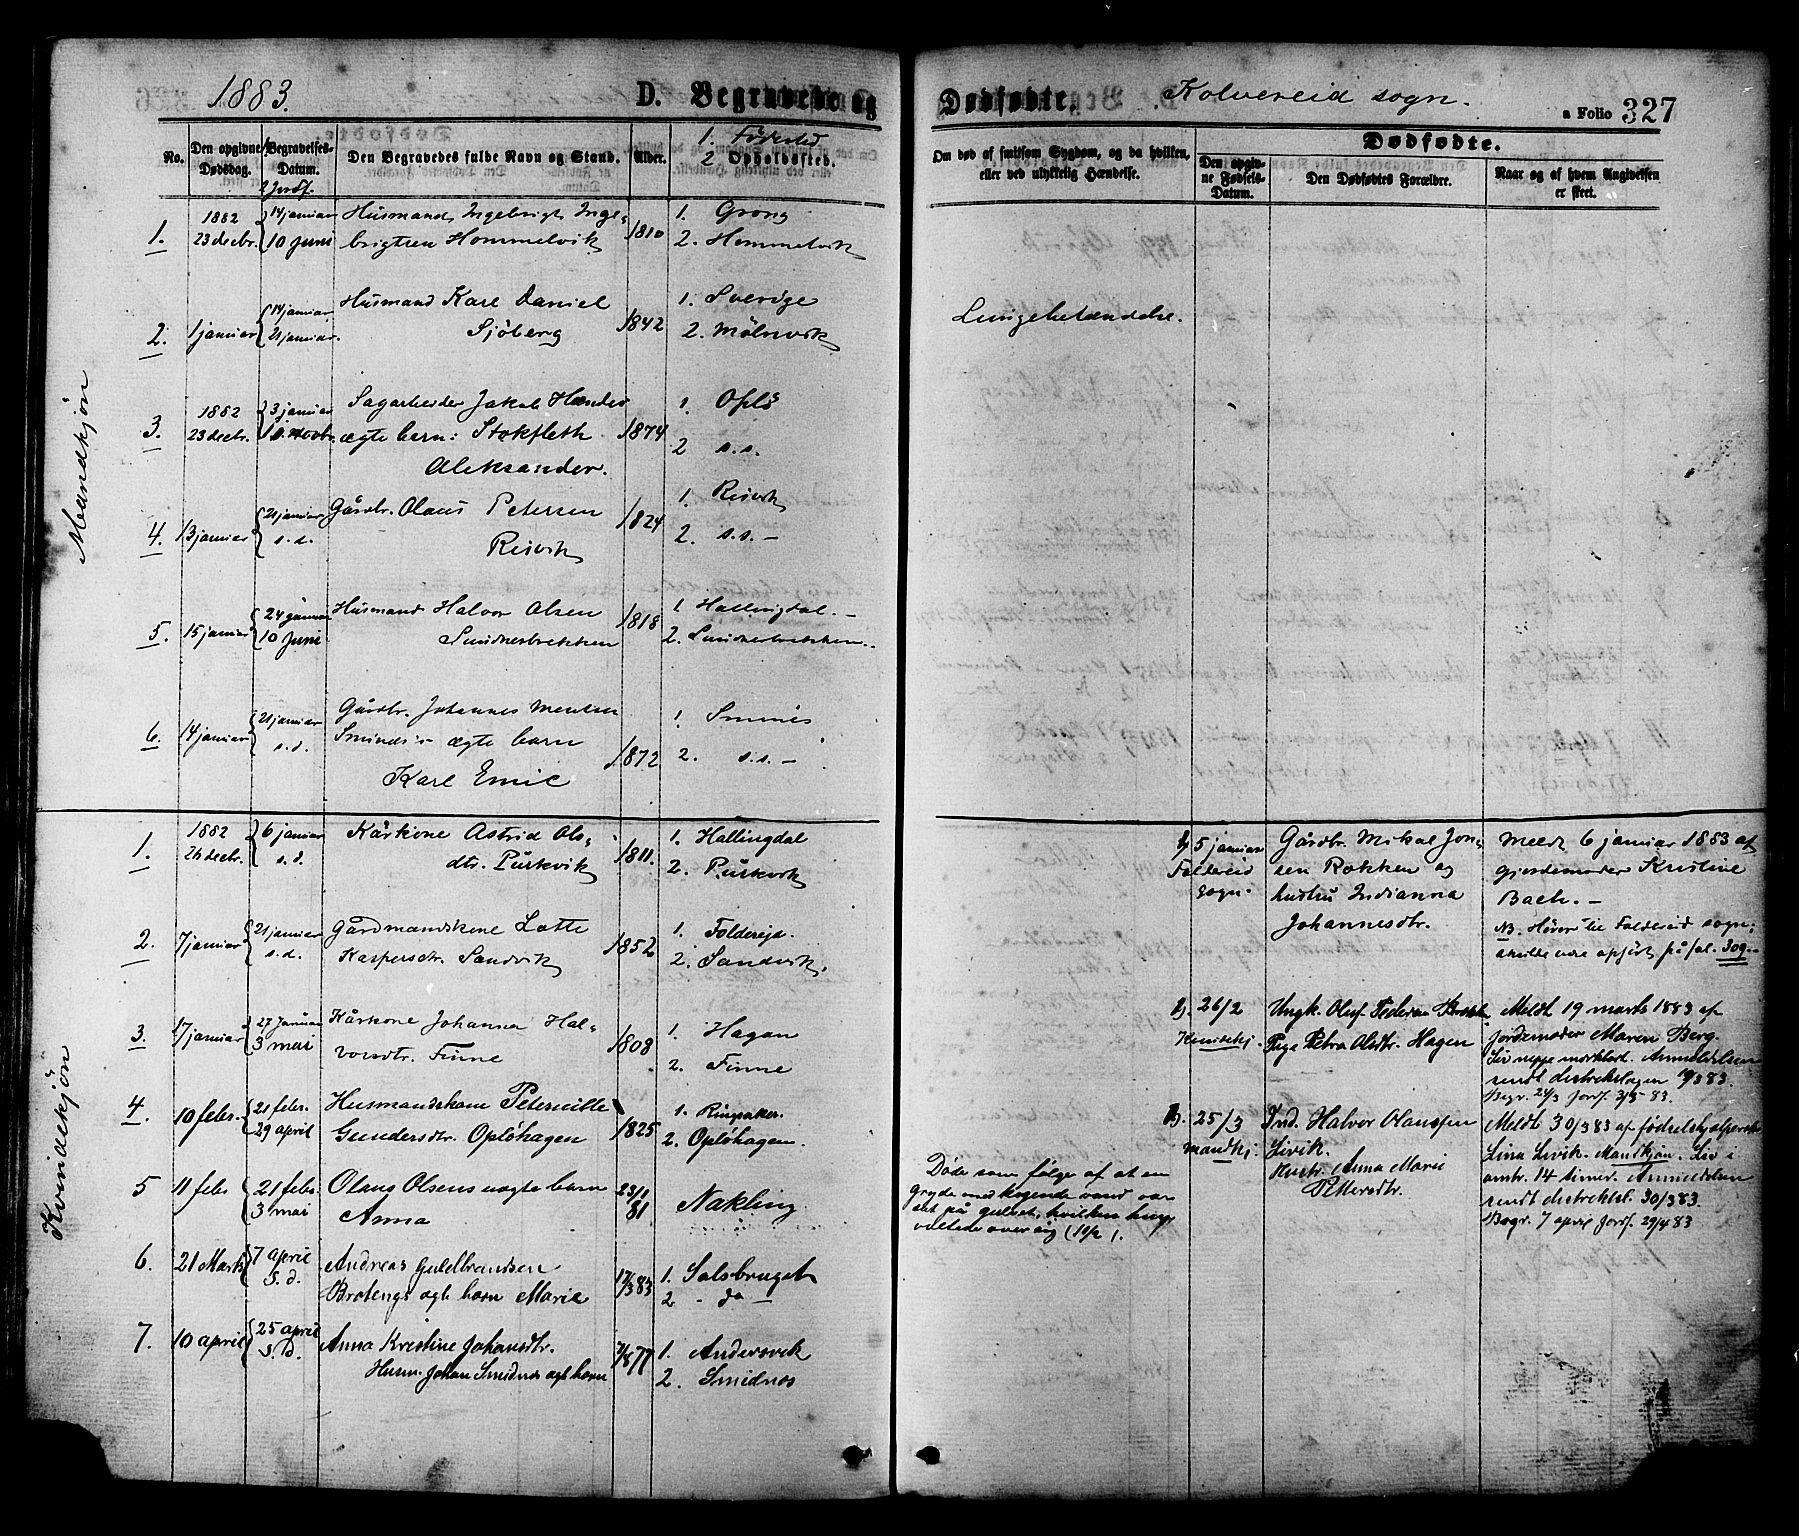 SAT, Ministerialprotokoller, klokkerbøker og fødselsregistre - Nord-Trøndelag, 780/L0642: Ministerialbok nr. 780A07 /1, 1874-1885, s. 327